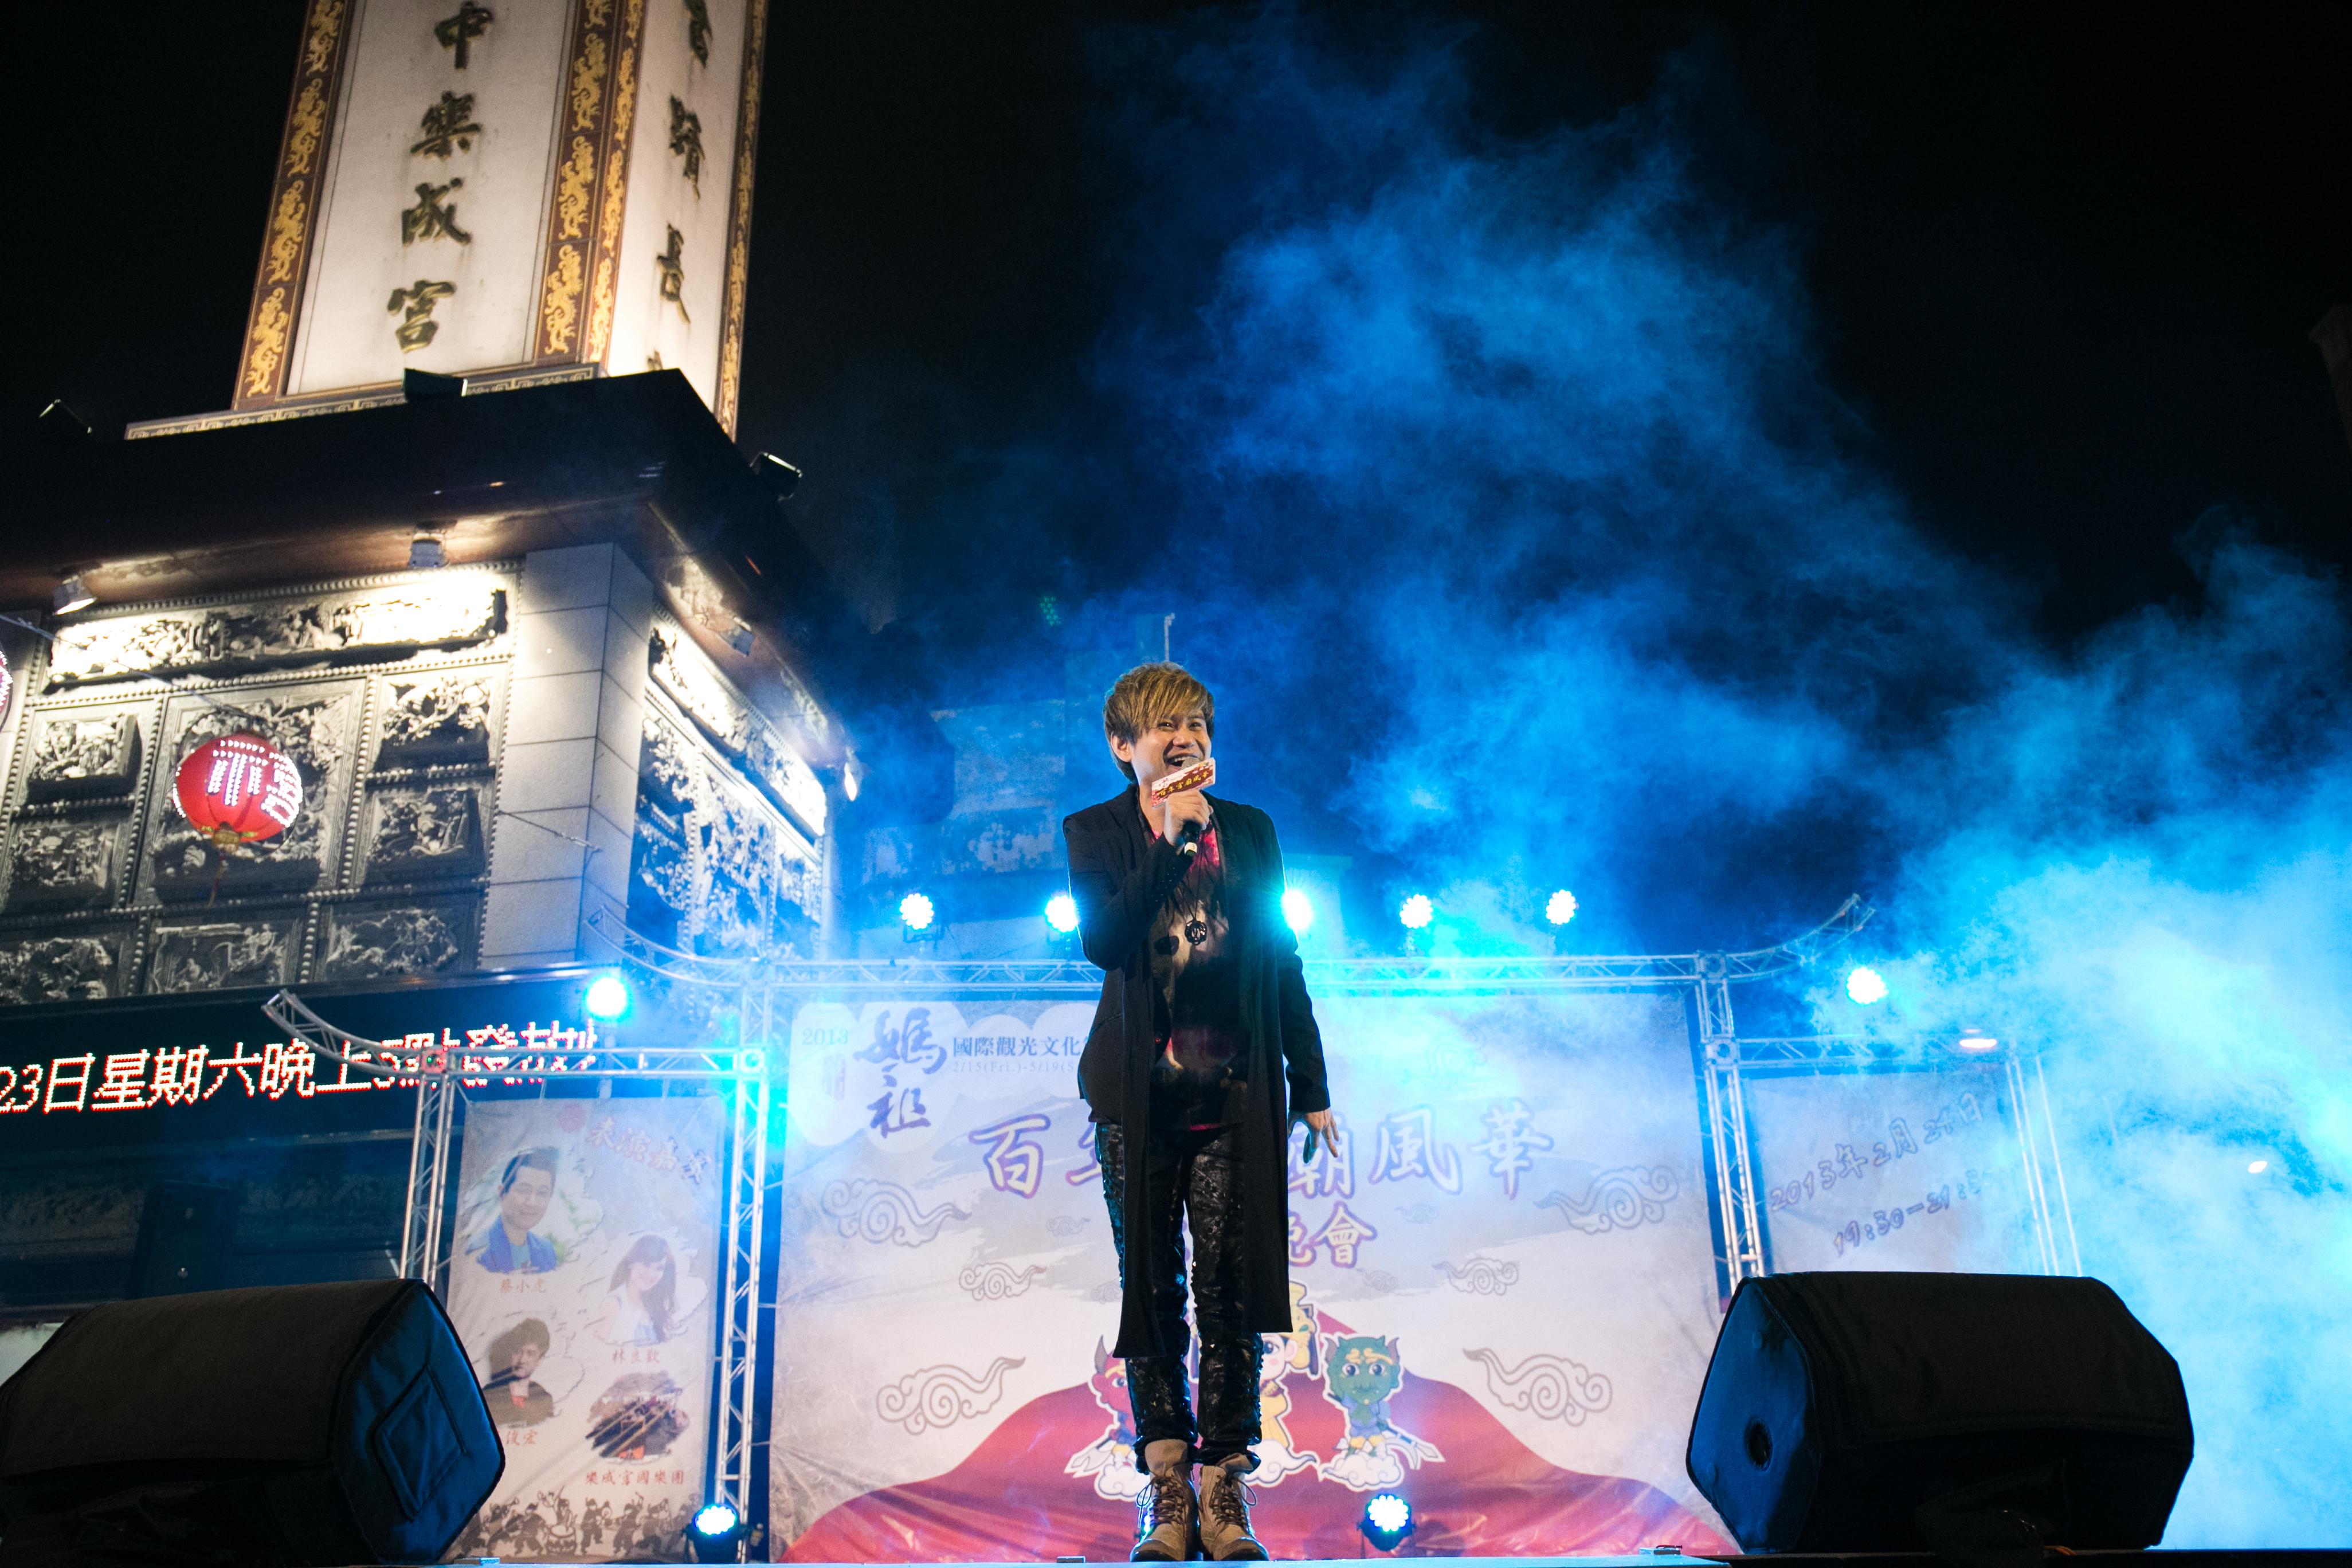 臺中媽祖國際觀光文化節在樂成宮,活動紀錄拍攝者台中婚錄張西米7